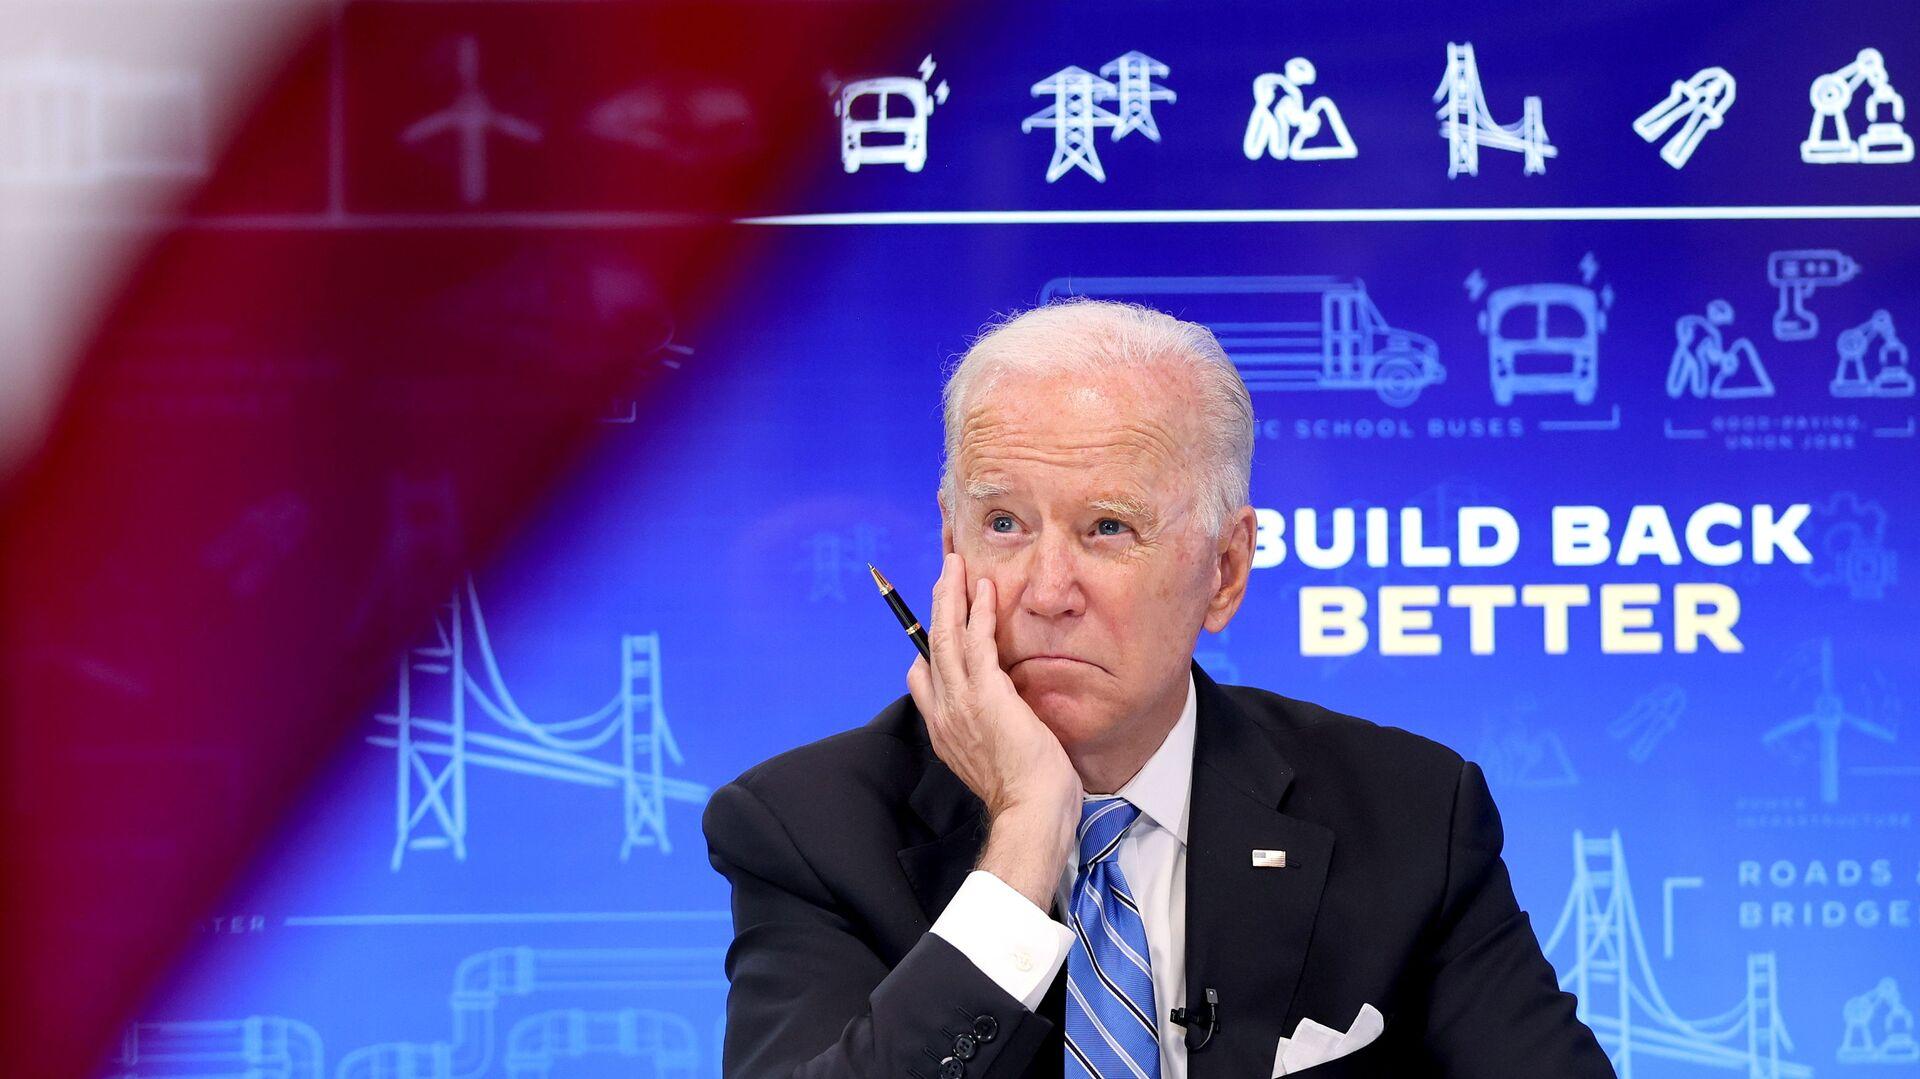 Le président américain Joe Biden rencontre virtuellement des gouverneurs, des maires et d'autres élus locaux et d'État pour discuter de la loi bipartisane Infrastructure Investment and Jobs Act, dans l'auditorium South Court de la Maison-Blanche à Washington, aux États-Unis, le 11 août 2021.  - Sputnik France, 1920, 15.09.2021